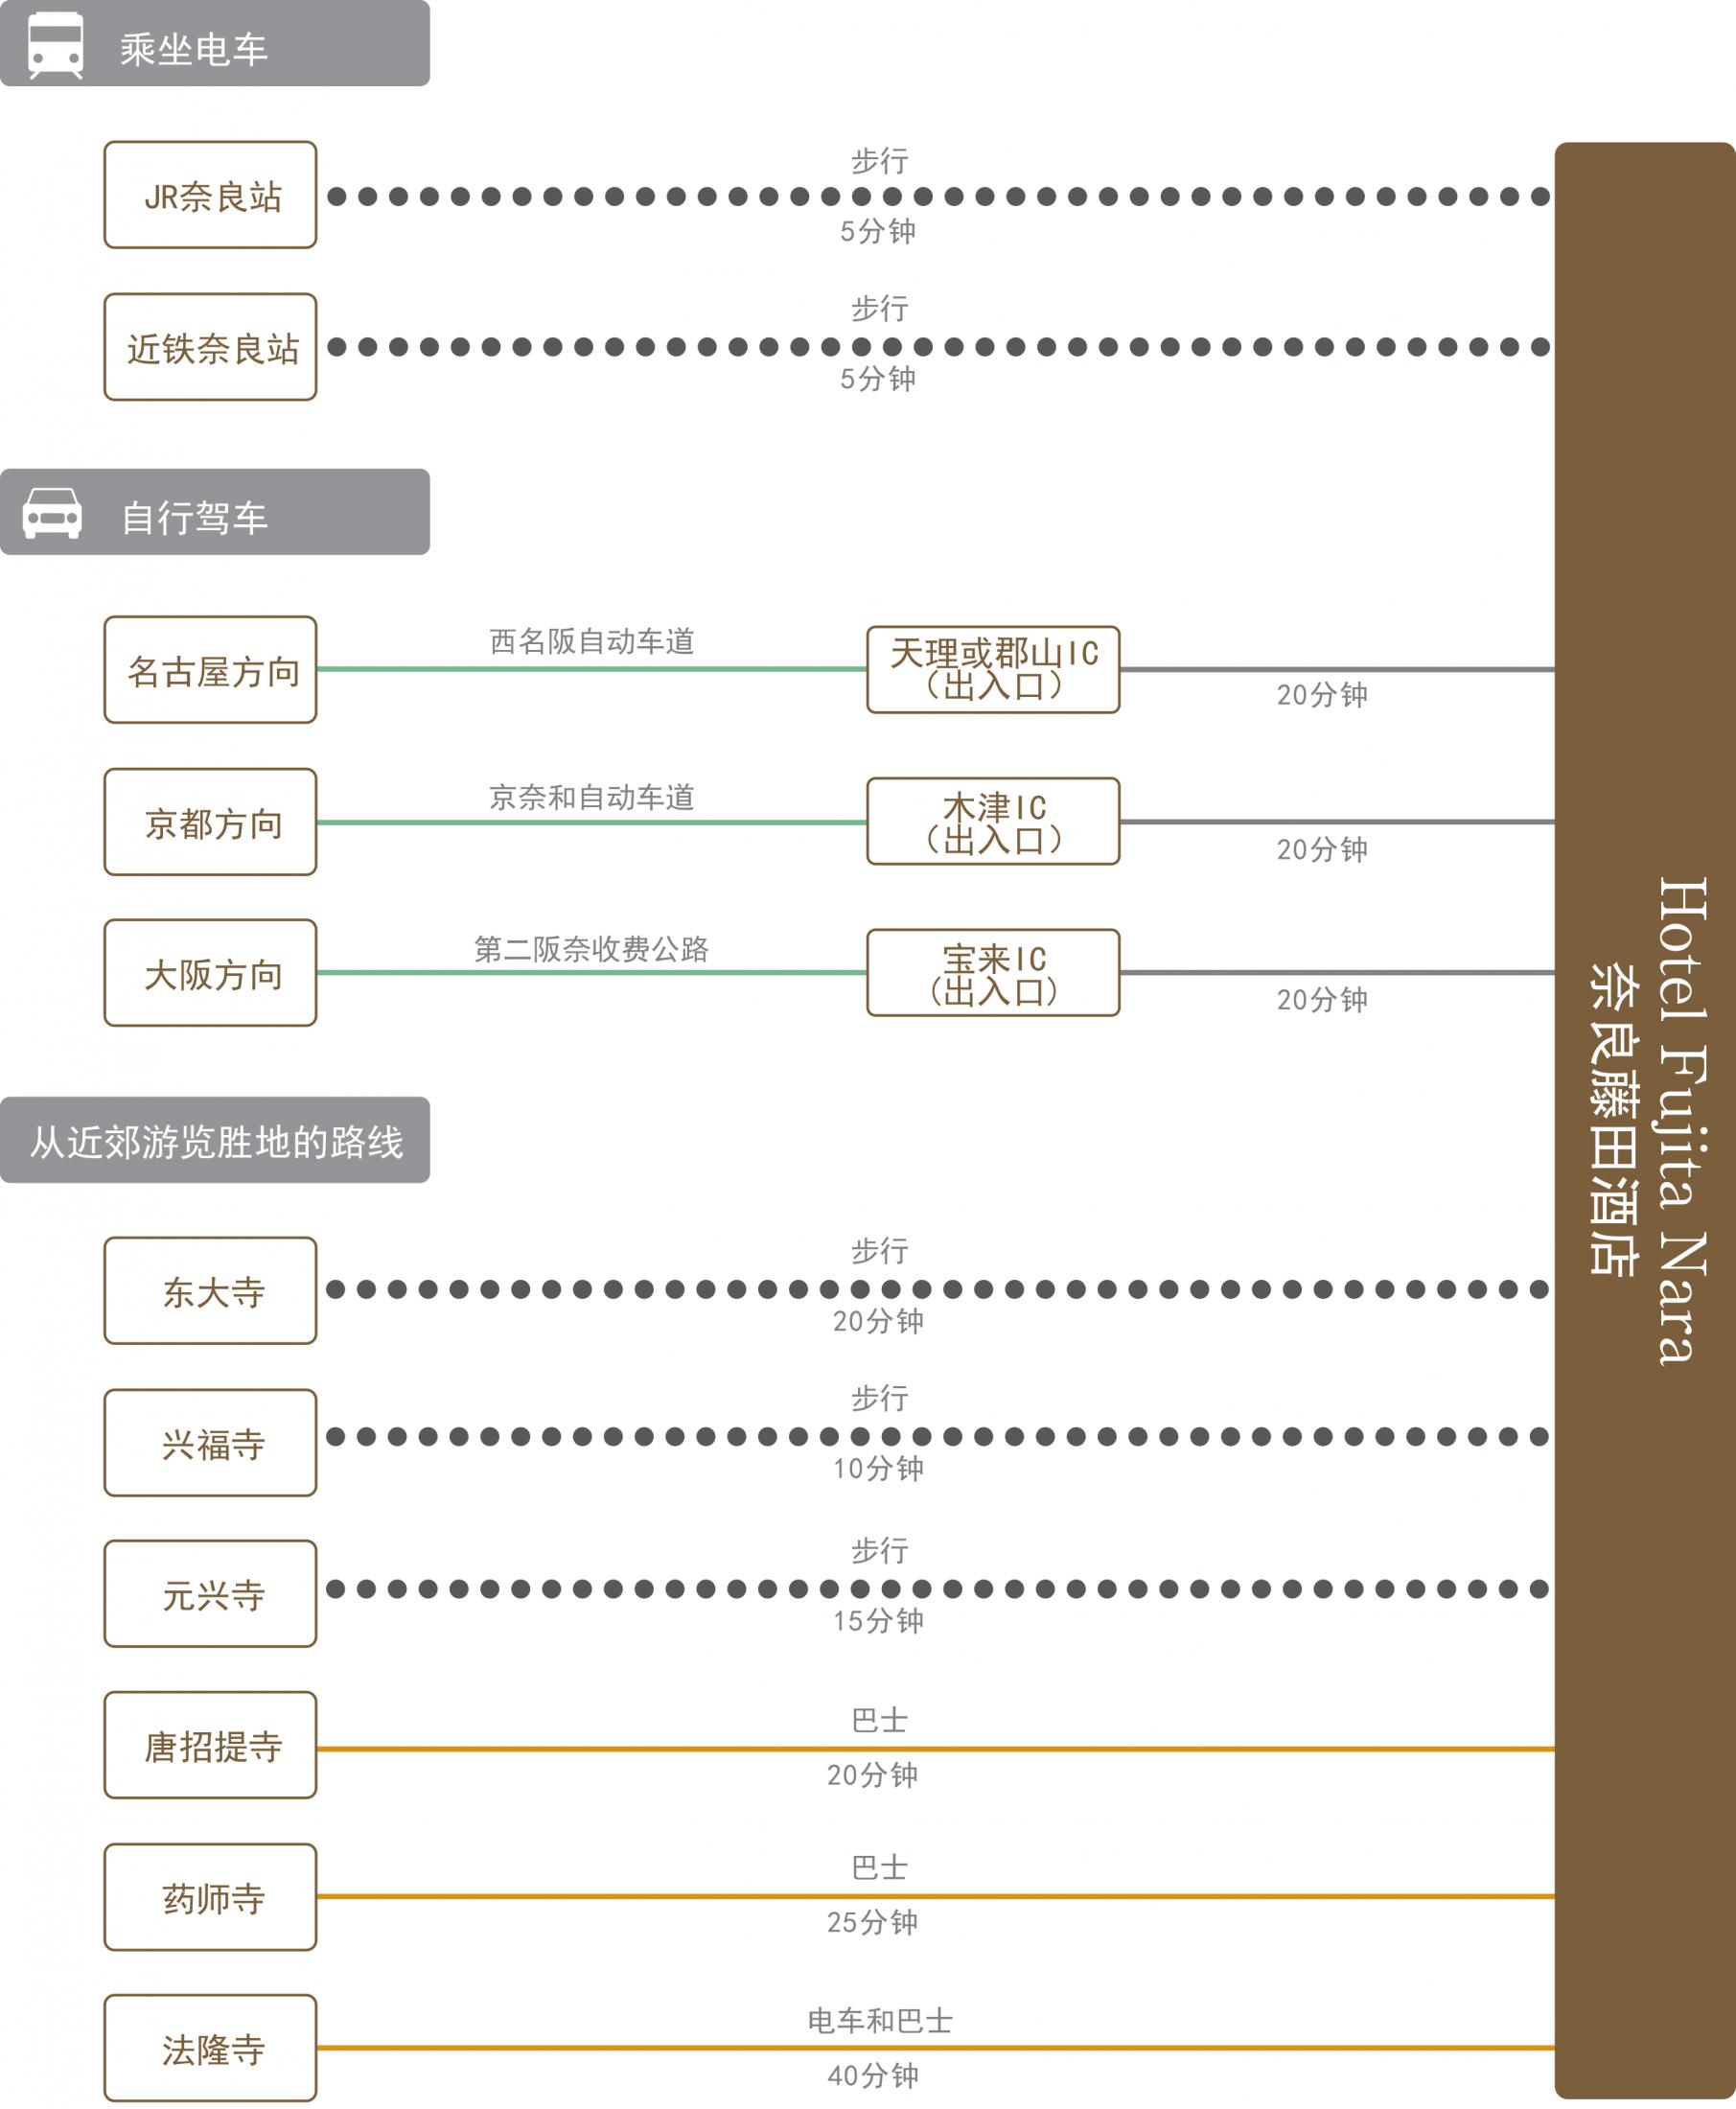 chart_zh-cn_nara_wh